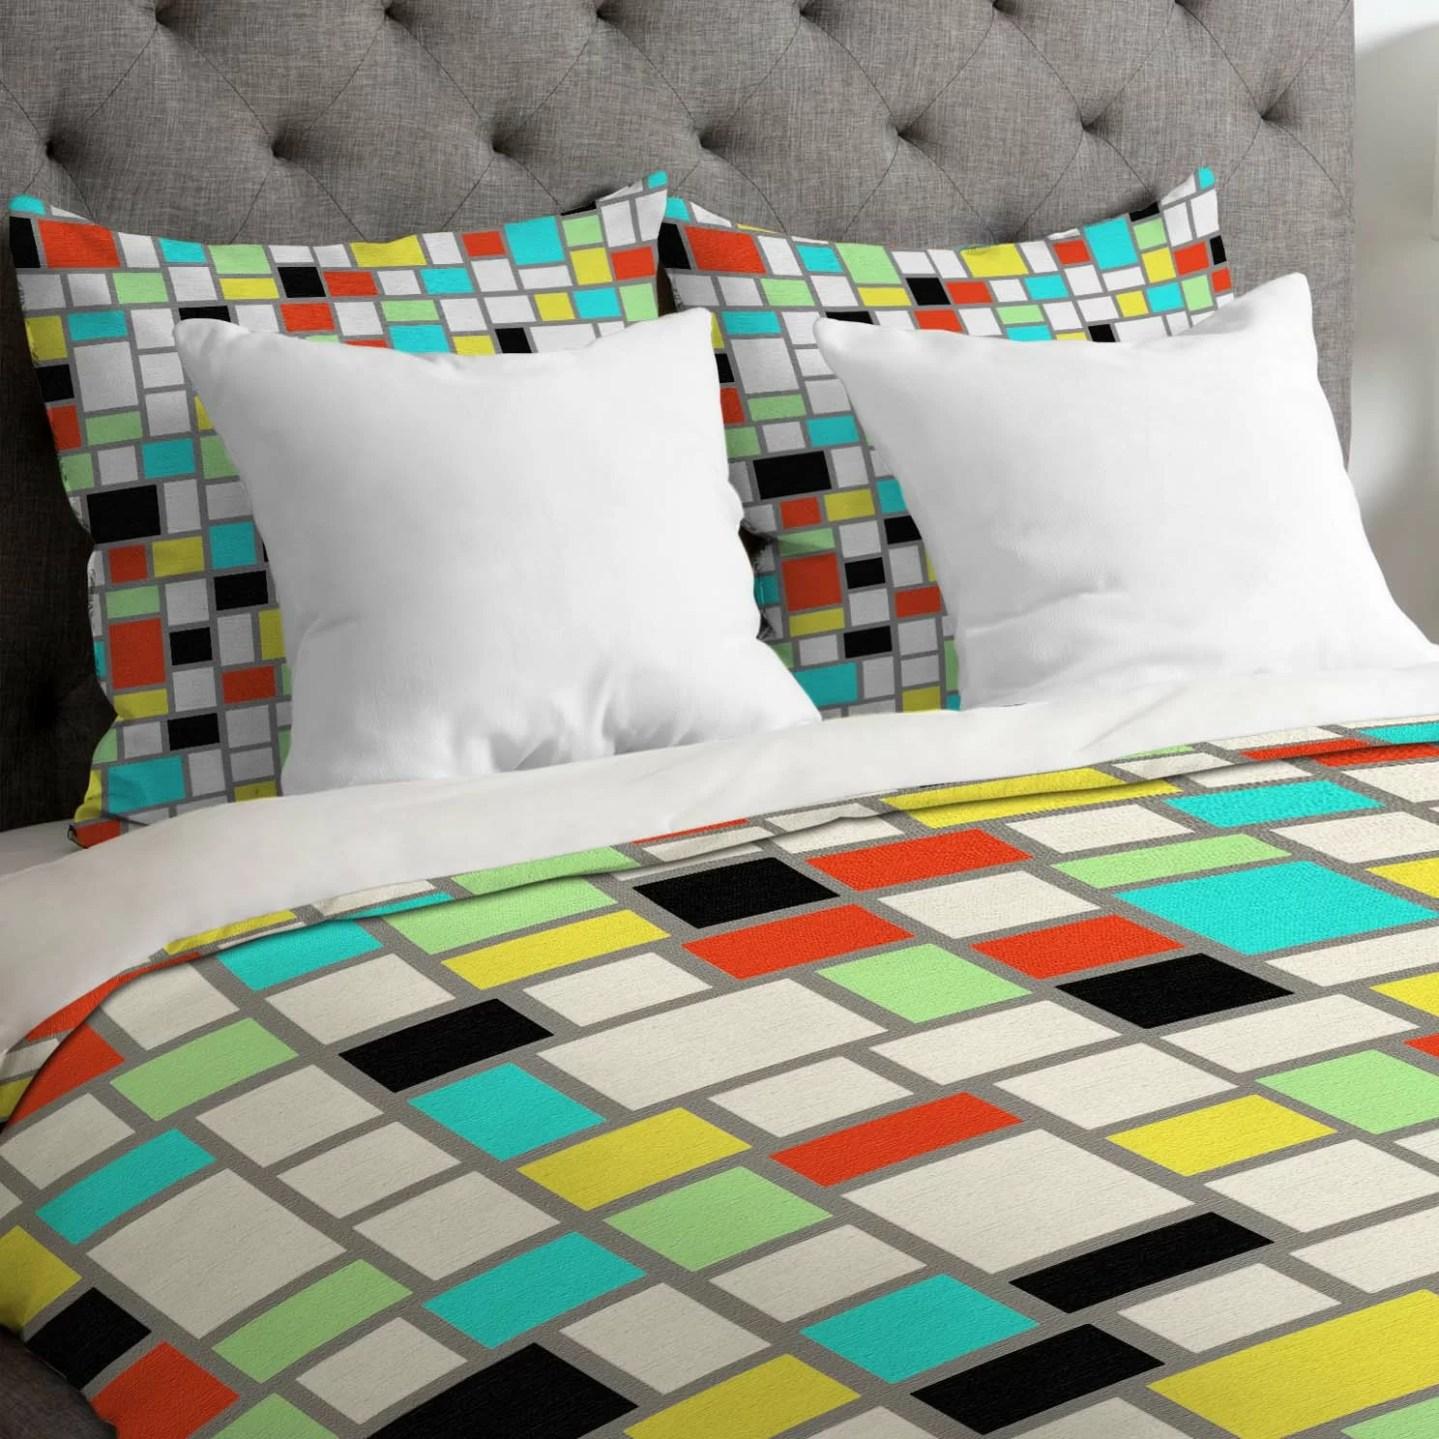 Midcentury Modern Geometric Duvet Cover